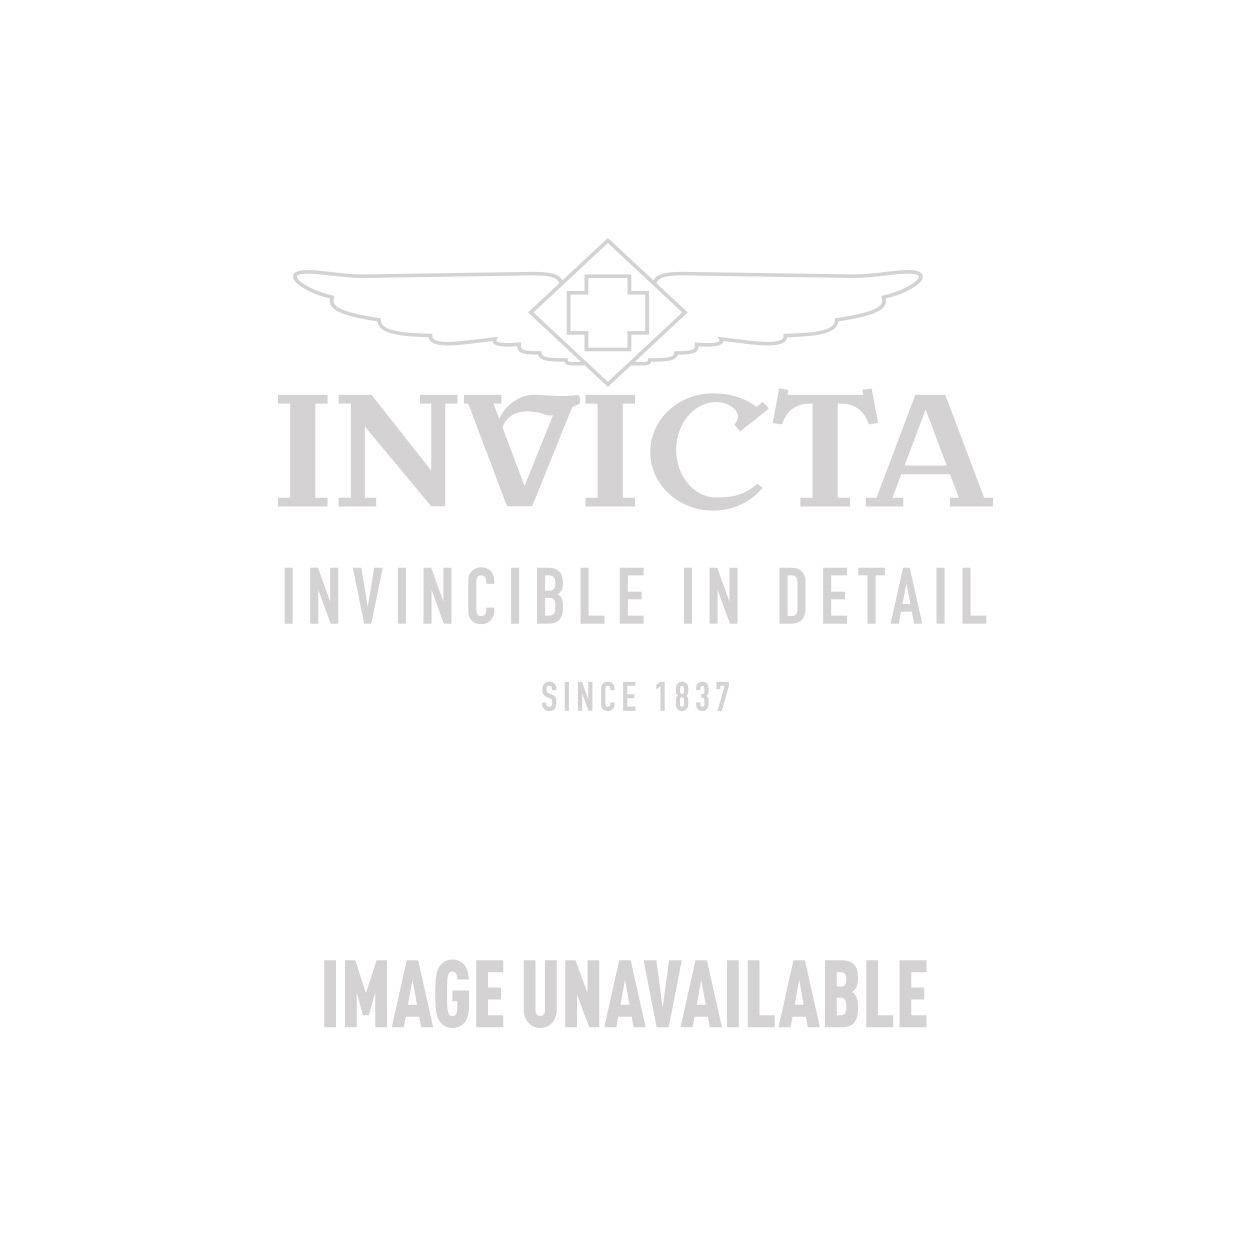 Invicta Model 25068